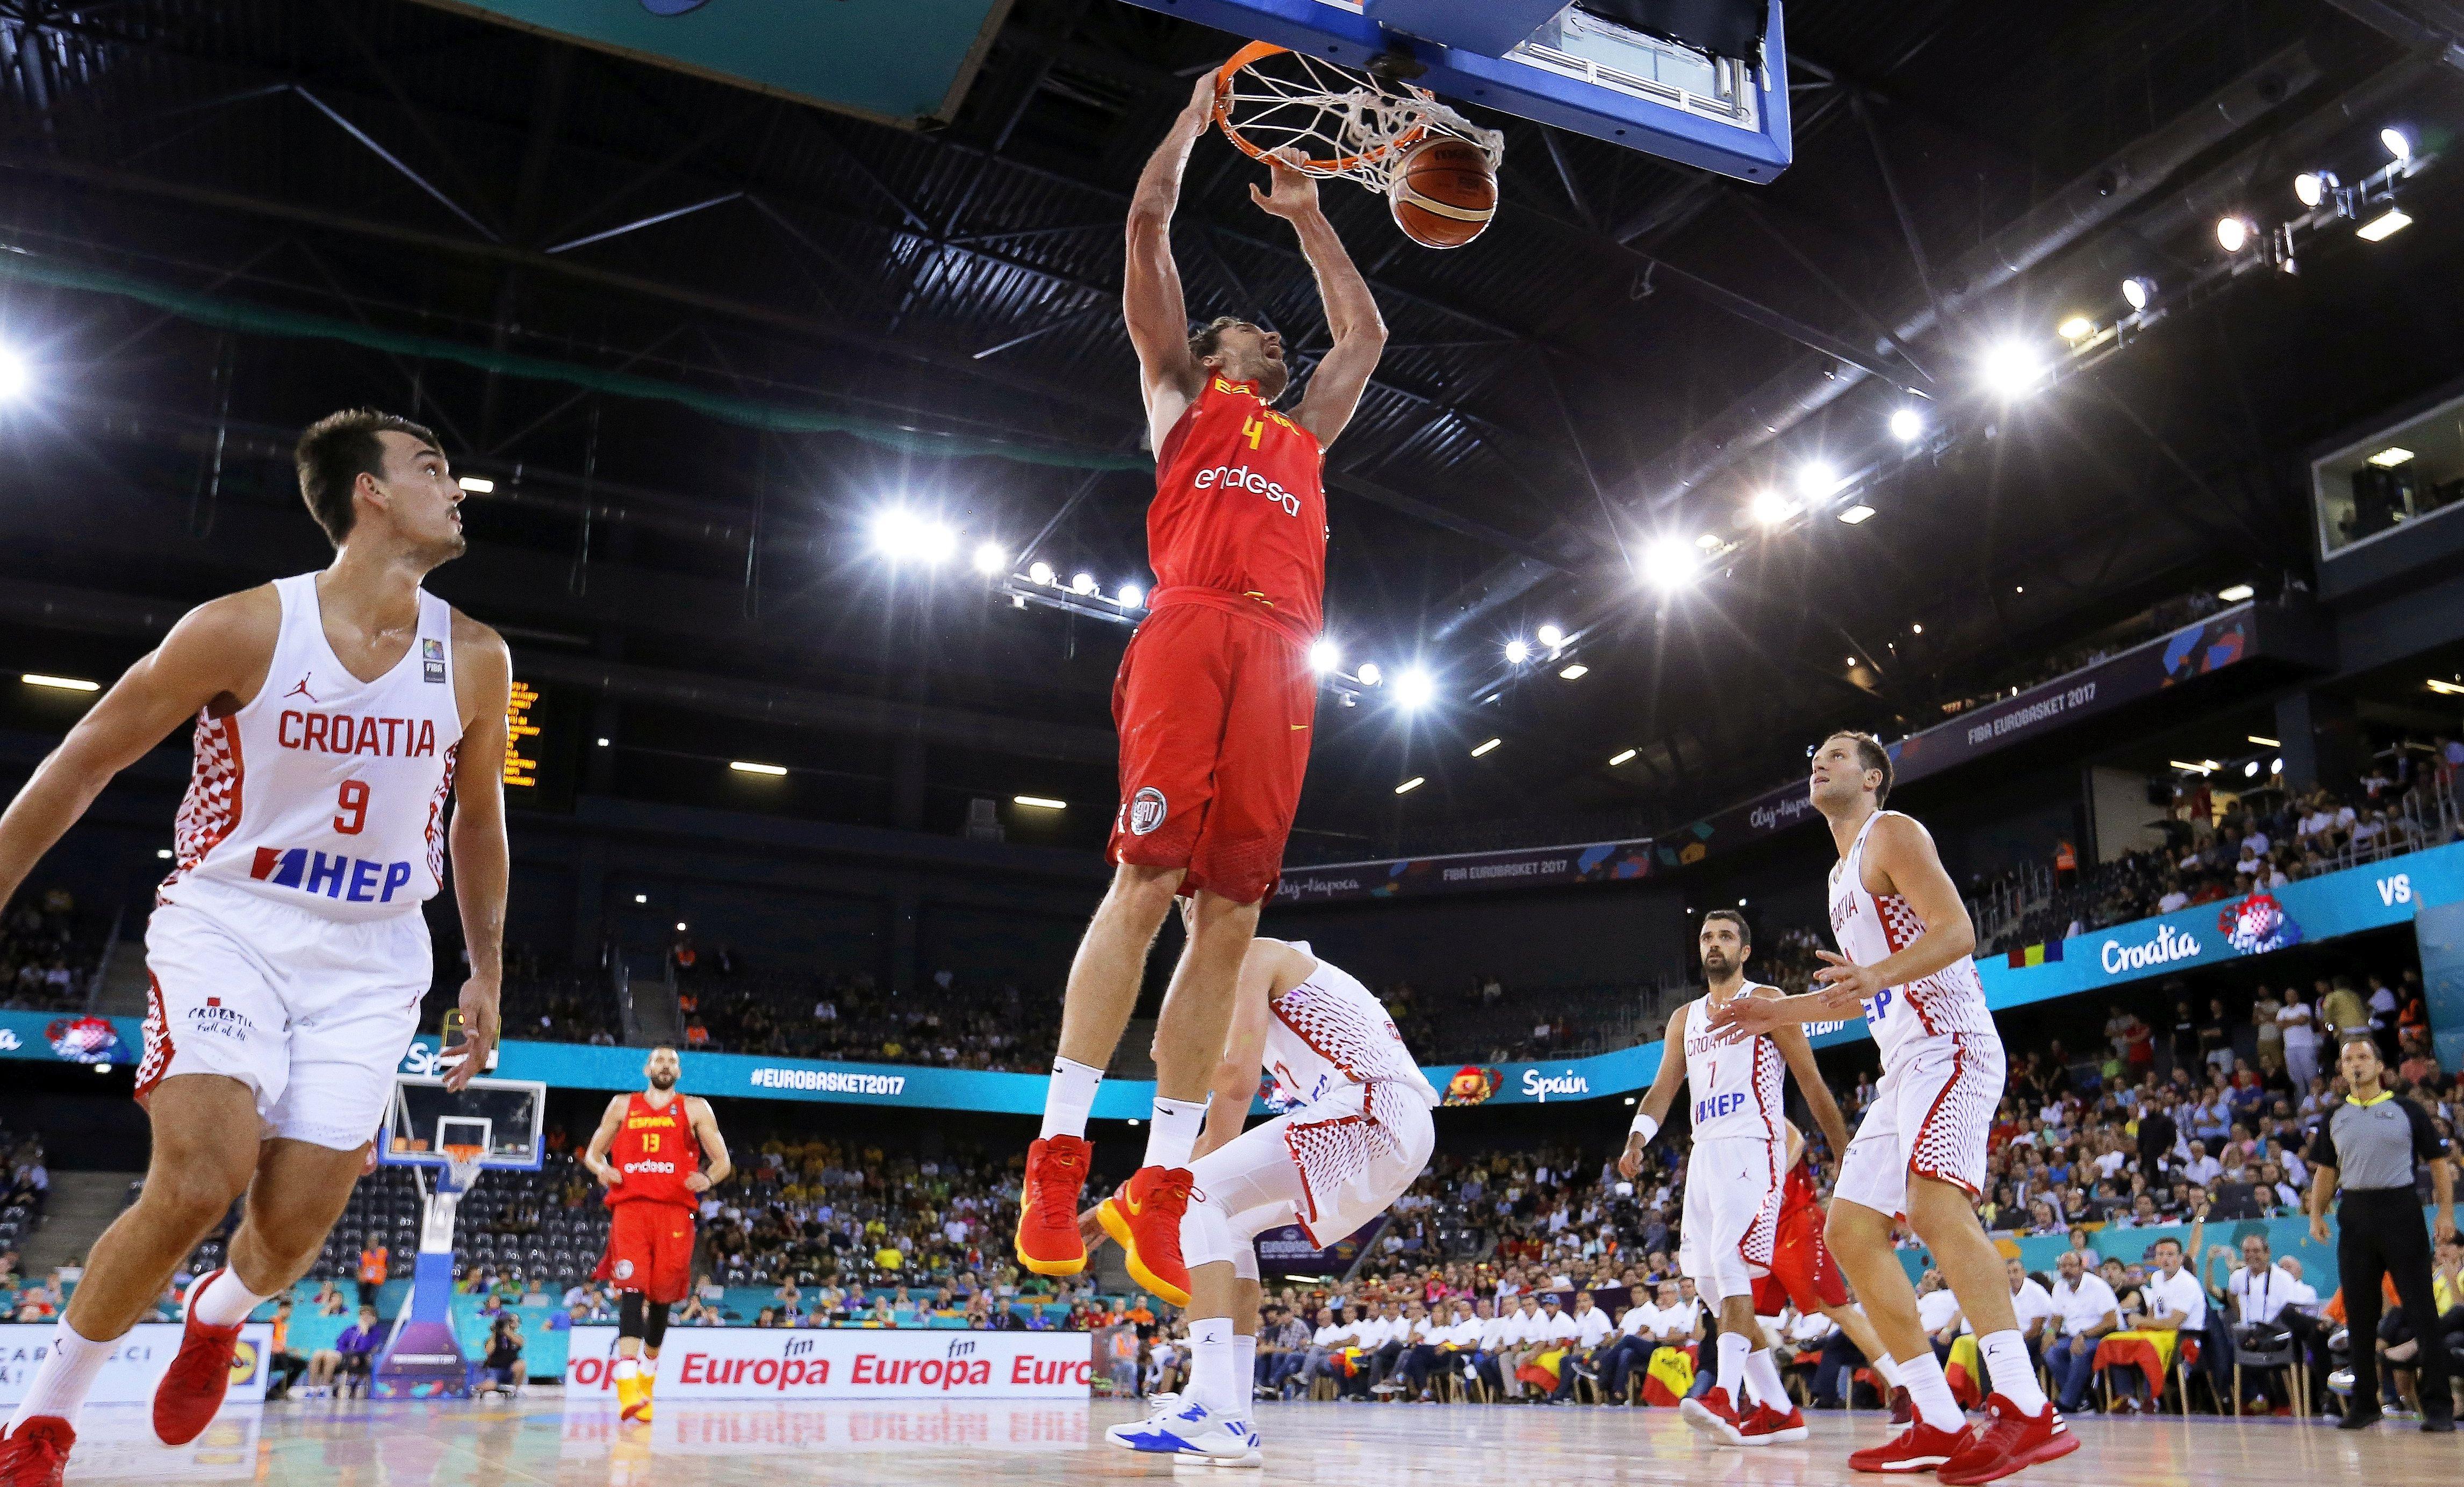 EUROBASKET Prvi poraz Hrvatske, španjolski skok i bacanja donijeli prevagu